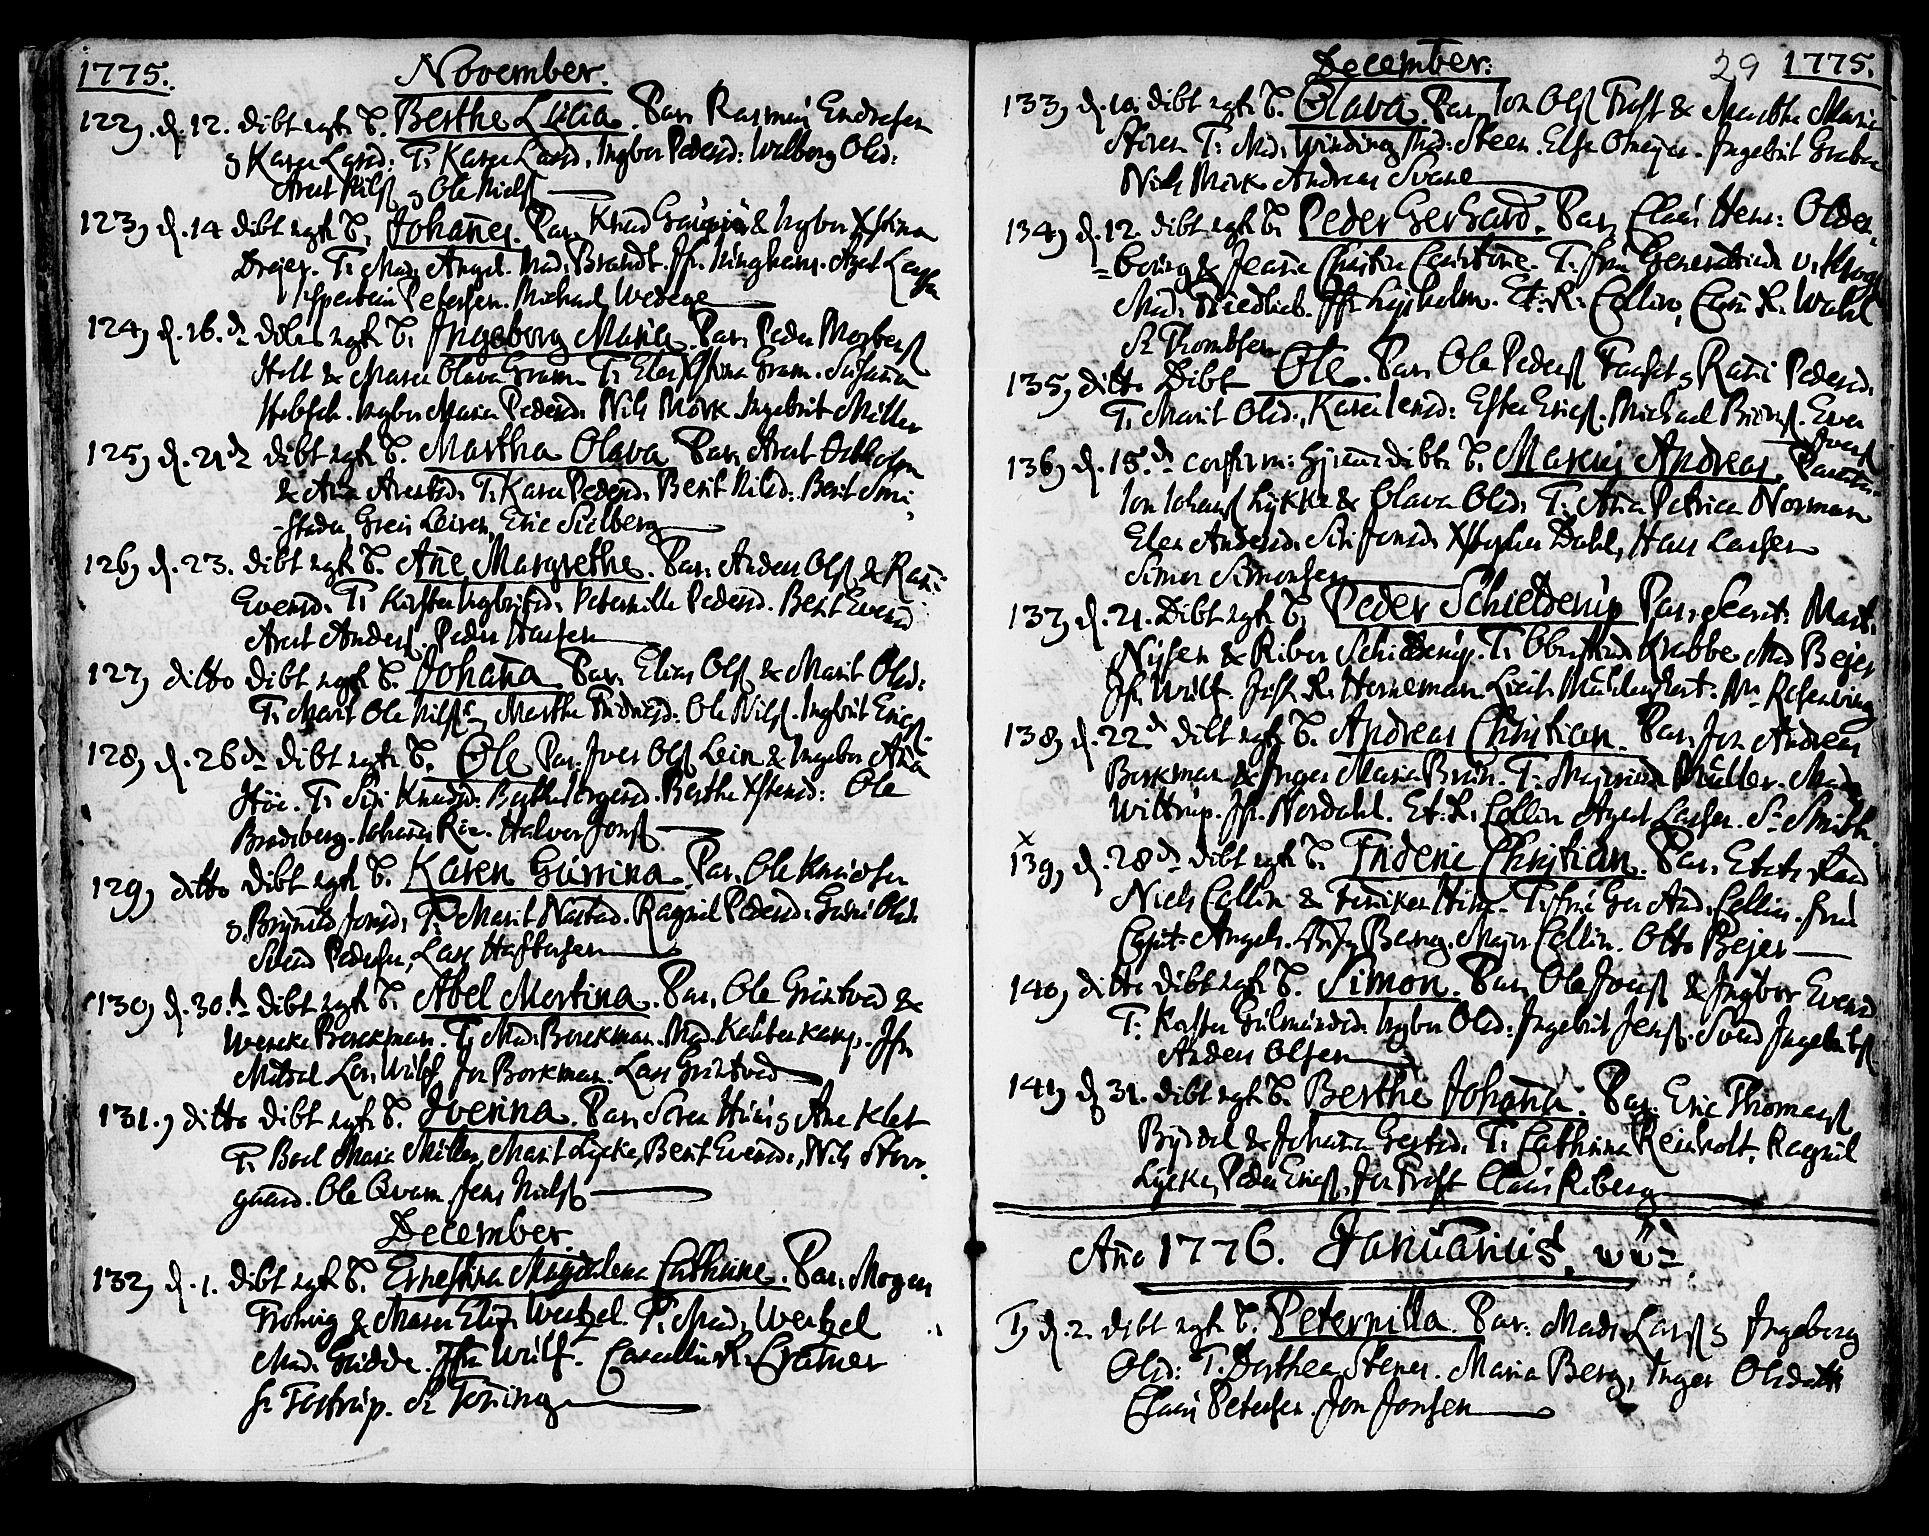 SAT, Ministerialprotokoller, klokkerbøker og fødselsregistre - Sør-Trøndelag, 601/L0039: Ministerialbok nr. 601A07, 1770-1819, s. 29